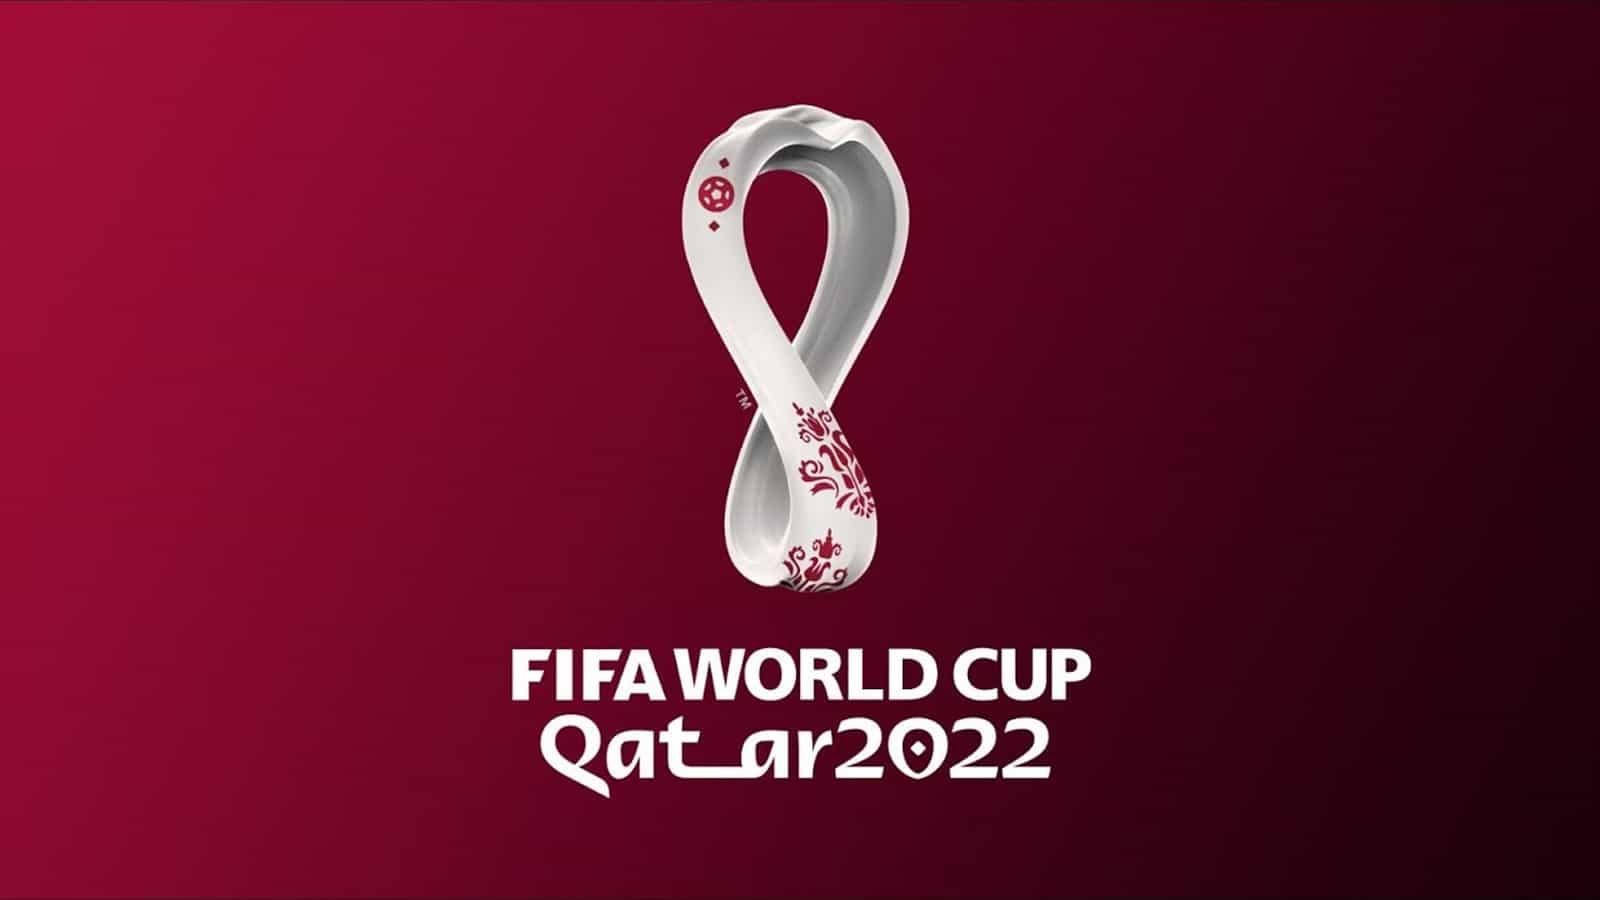 FIFA Dünya Kupası Katar 2022 Logosu Tanıtıldı